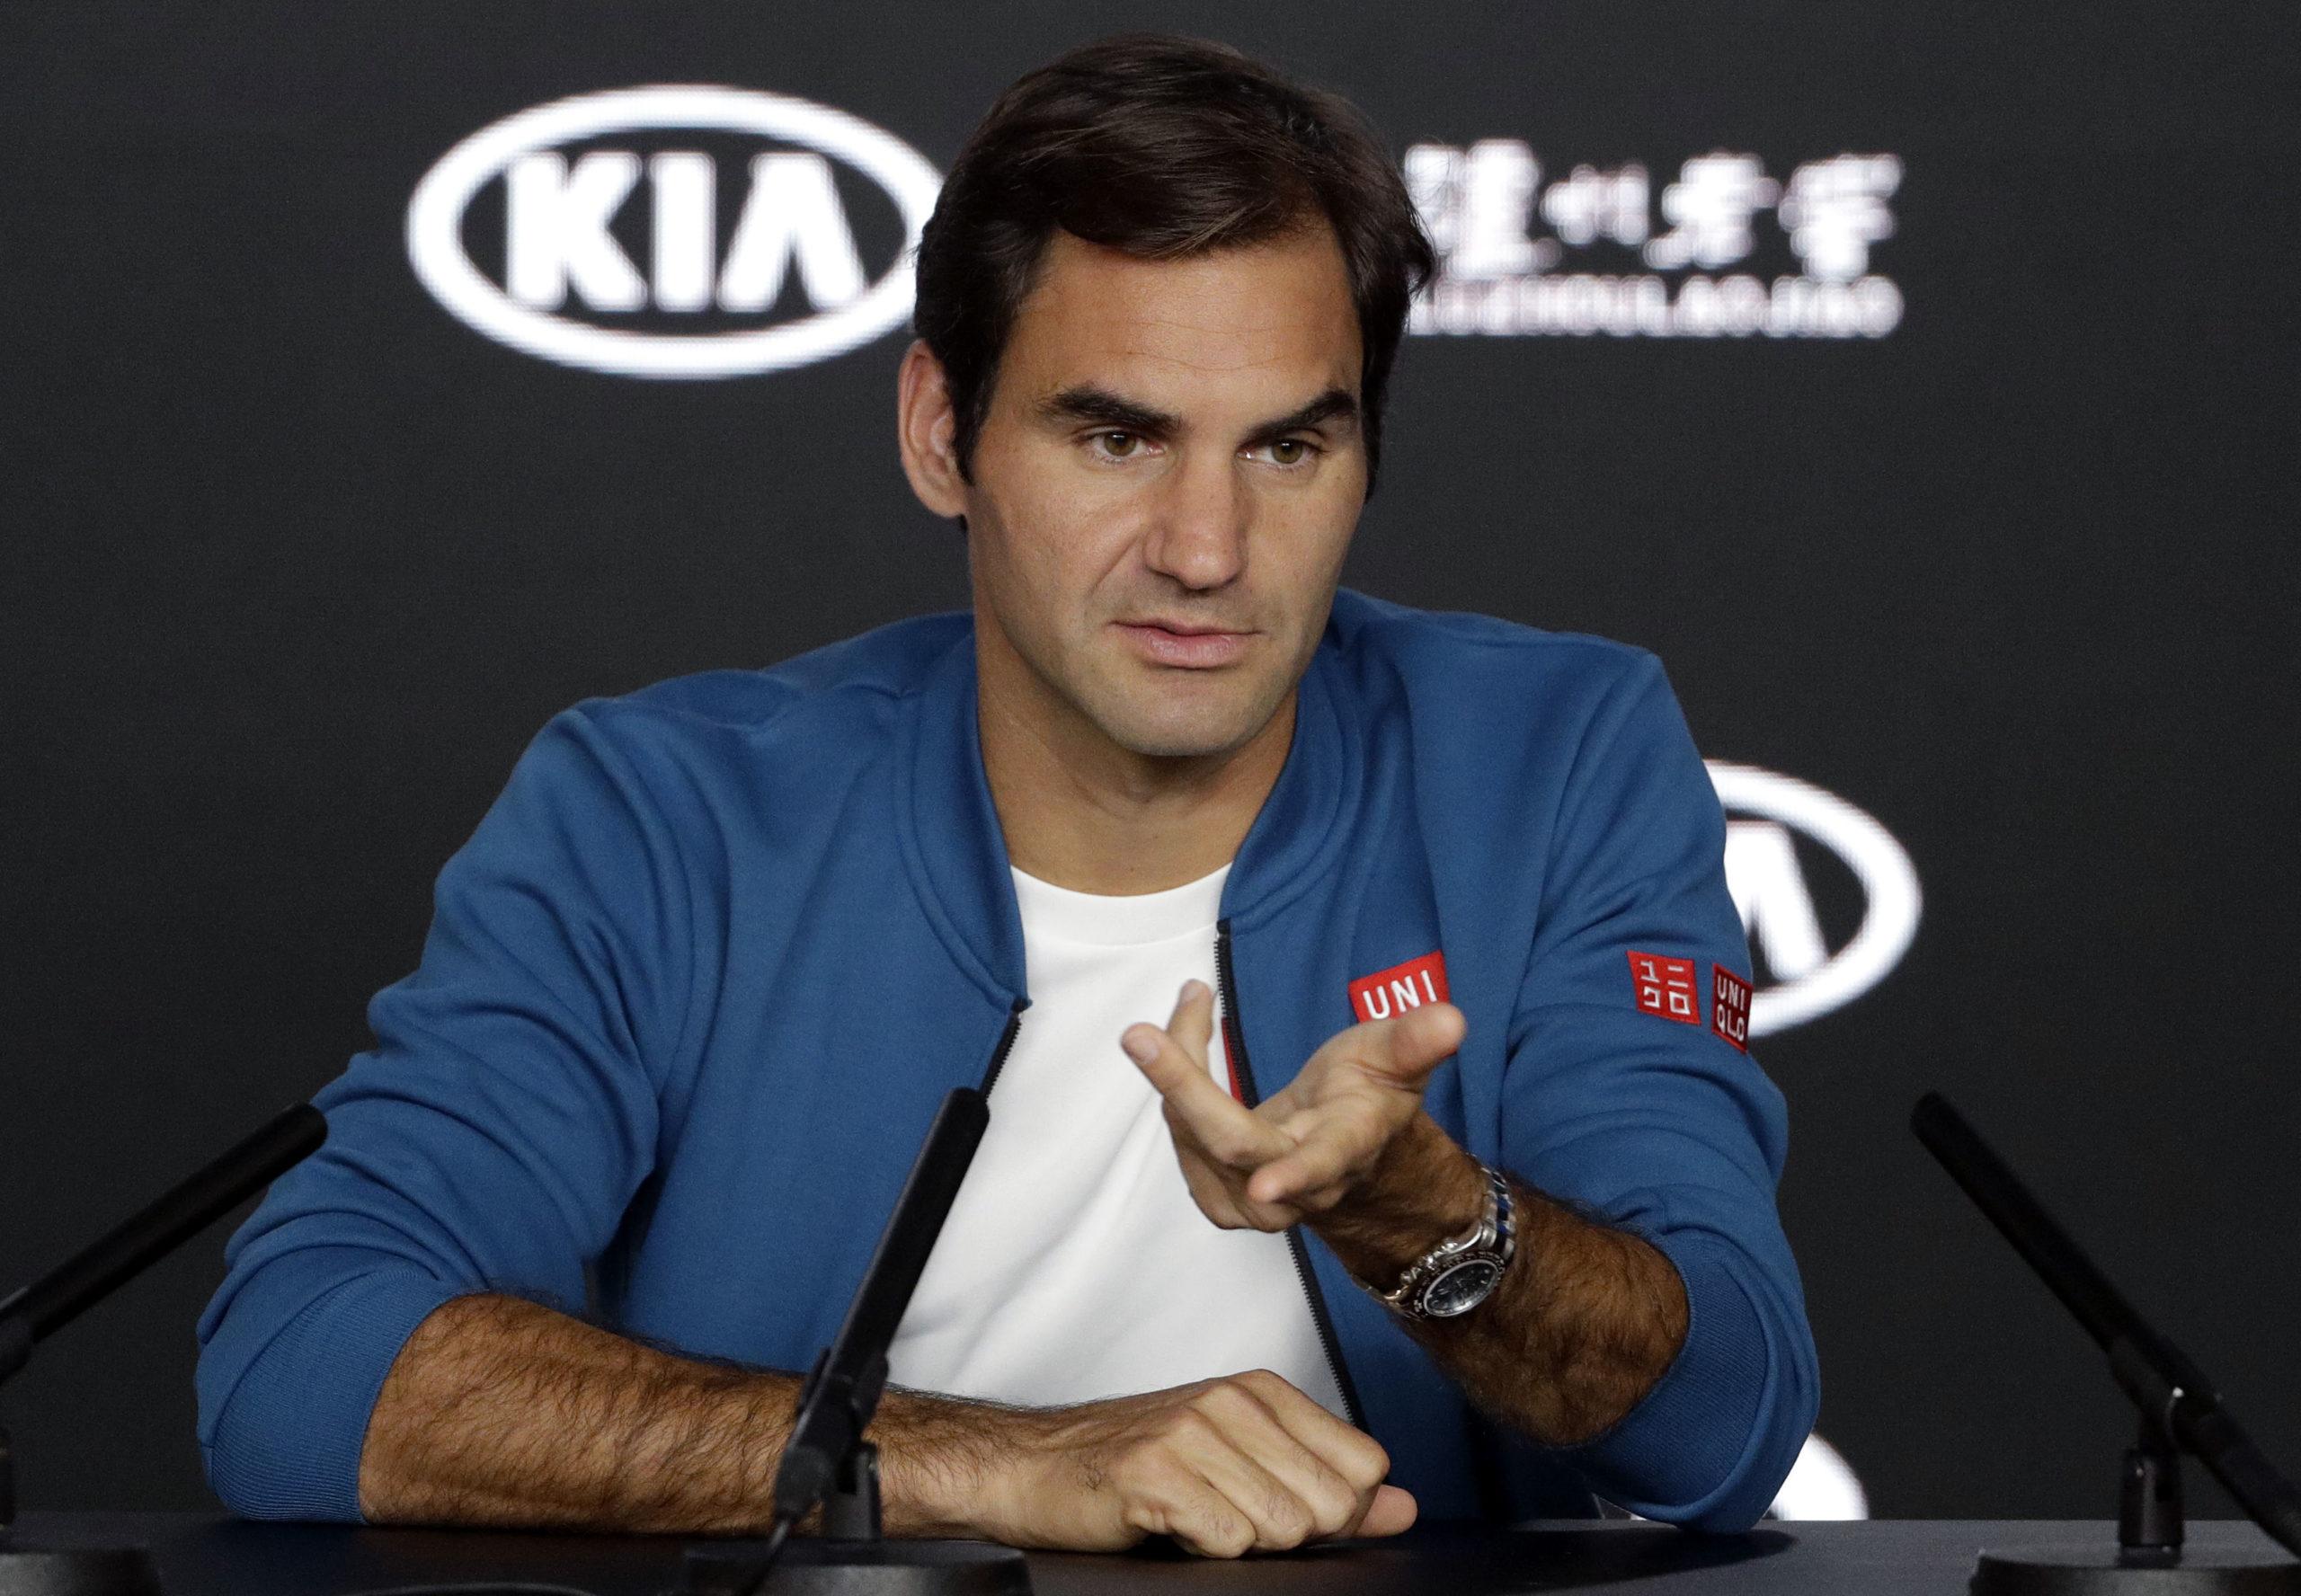 Roger Federer won't be in New York.